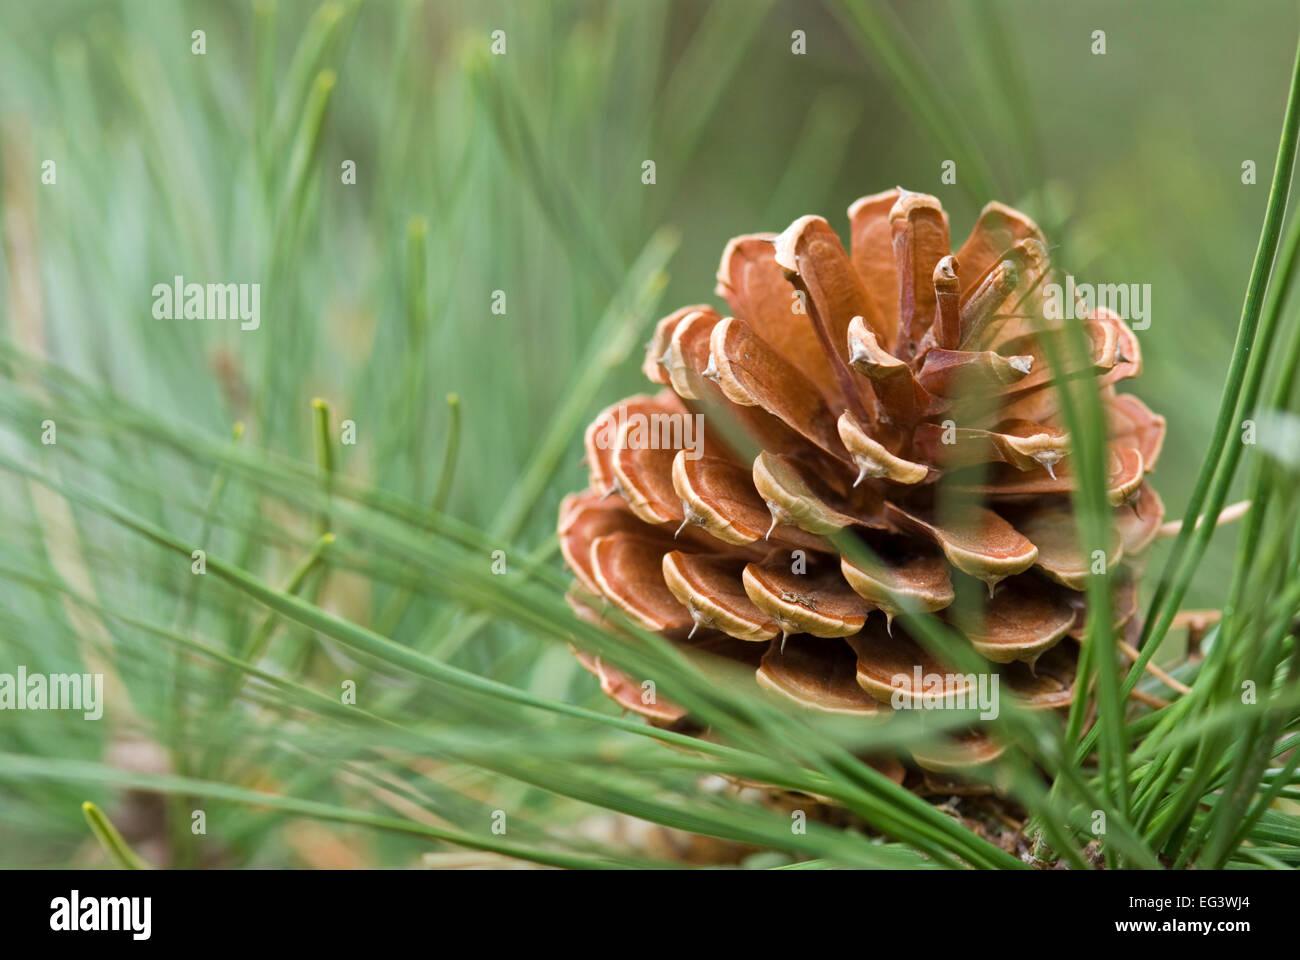 Pine Cone from Pitch Pine Tree - Pinus rigida - Stock Image